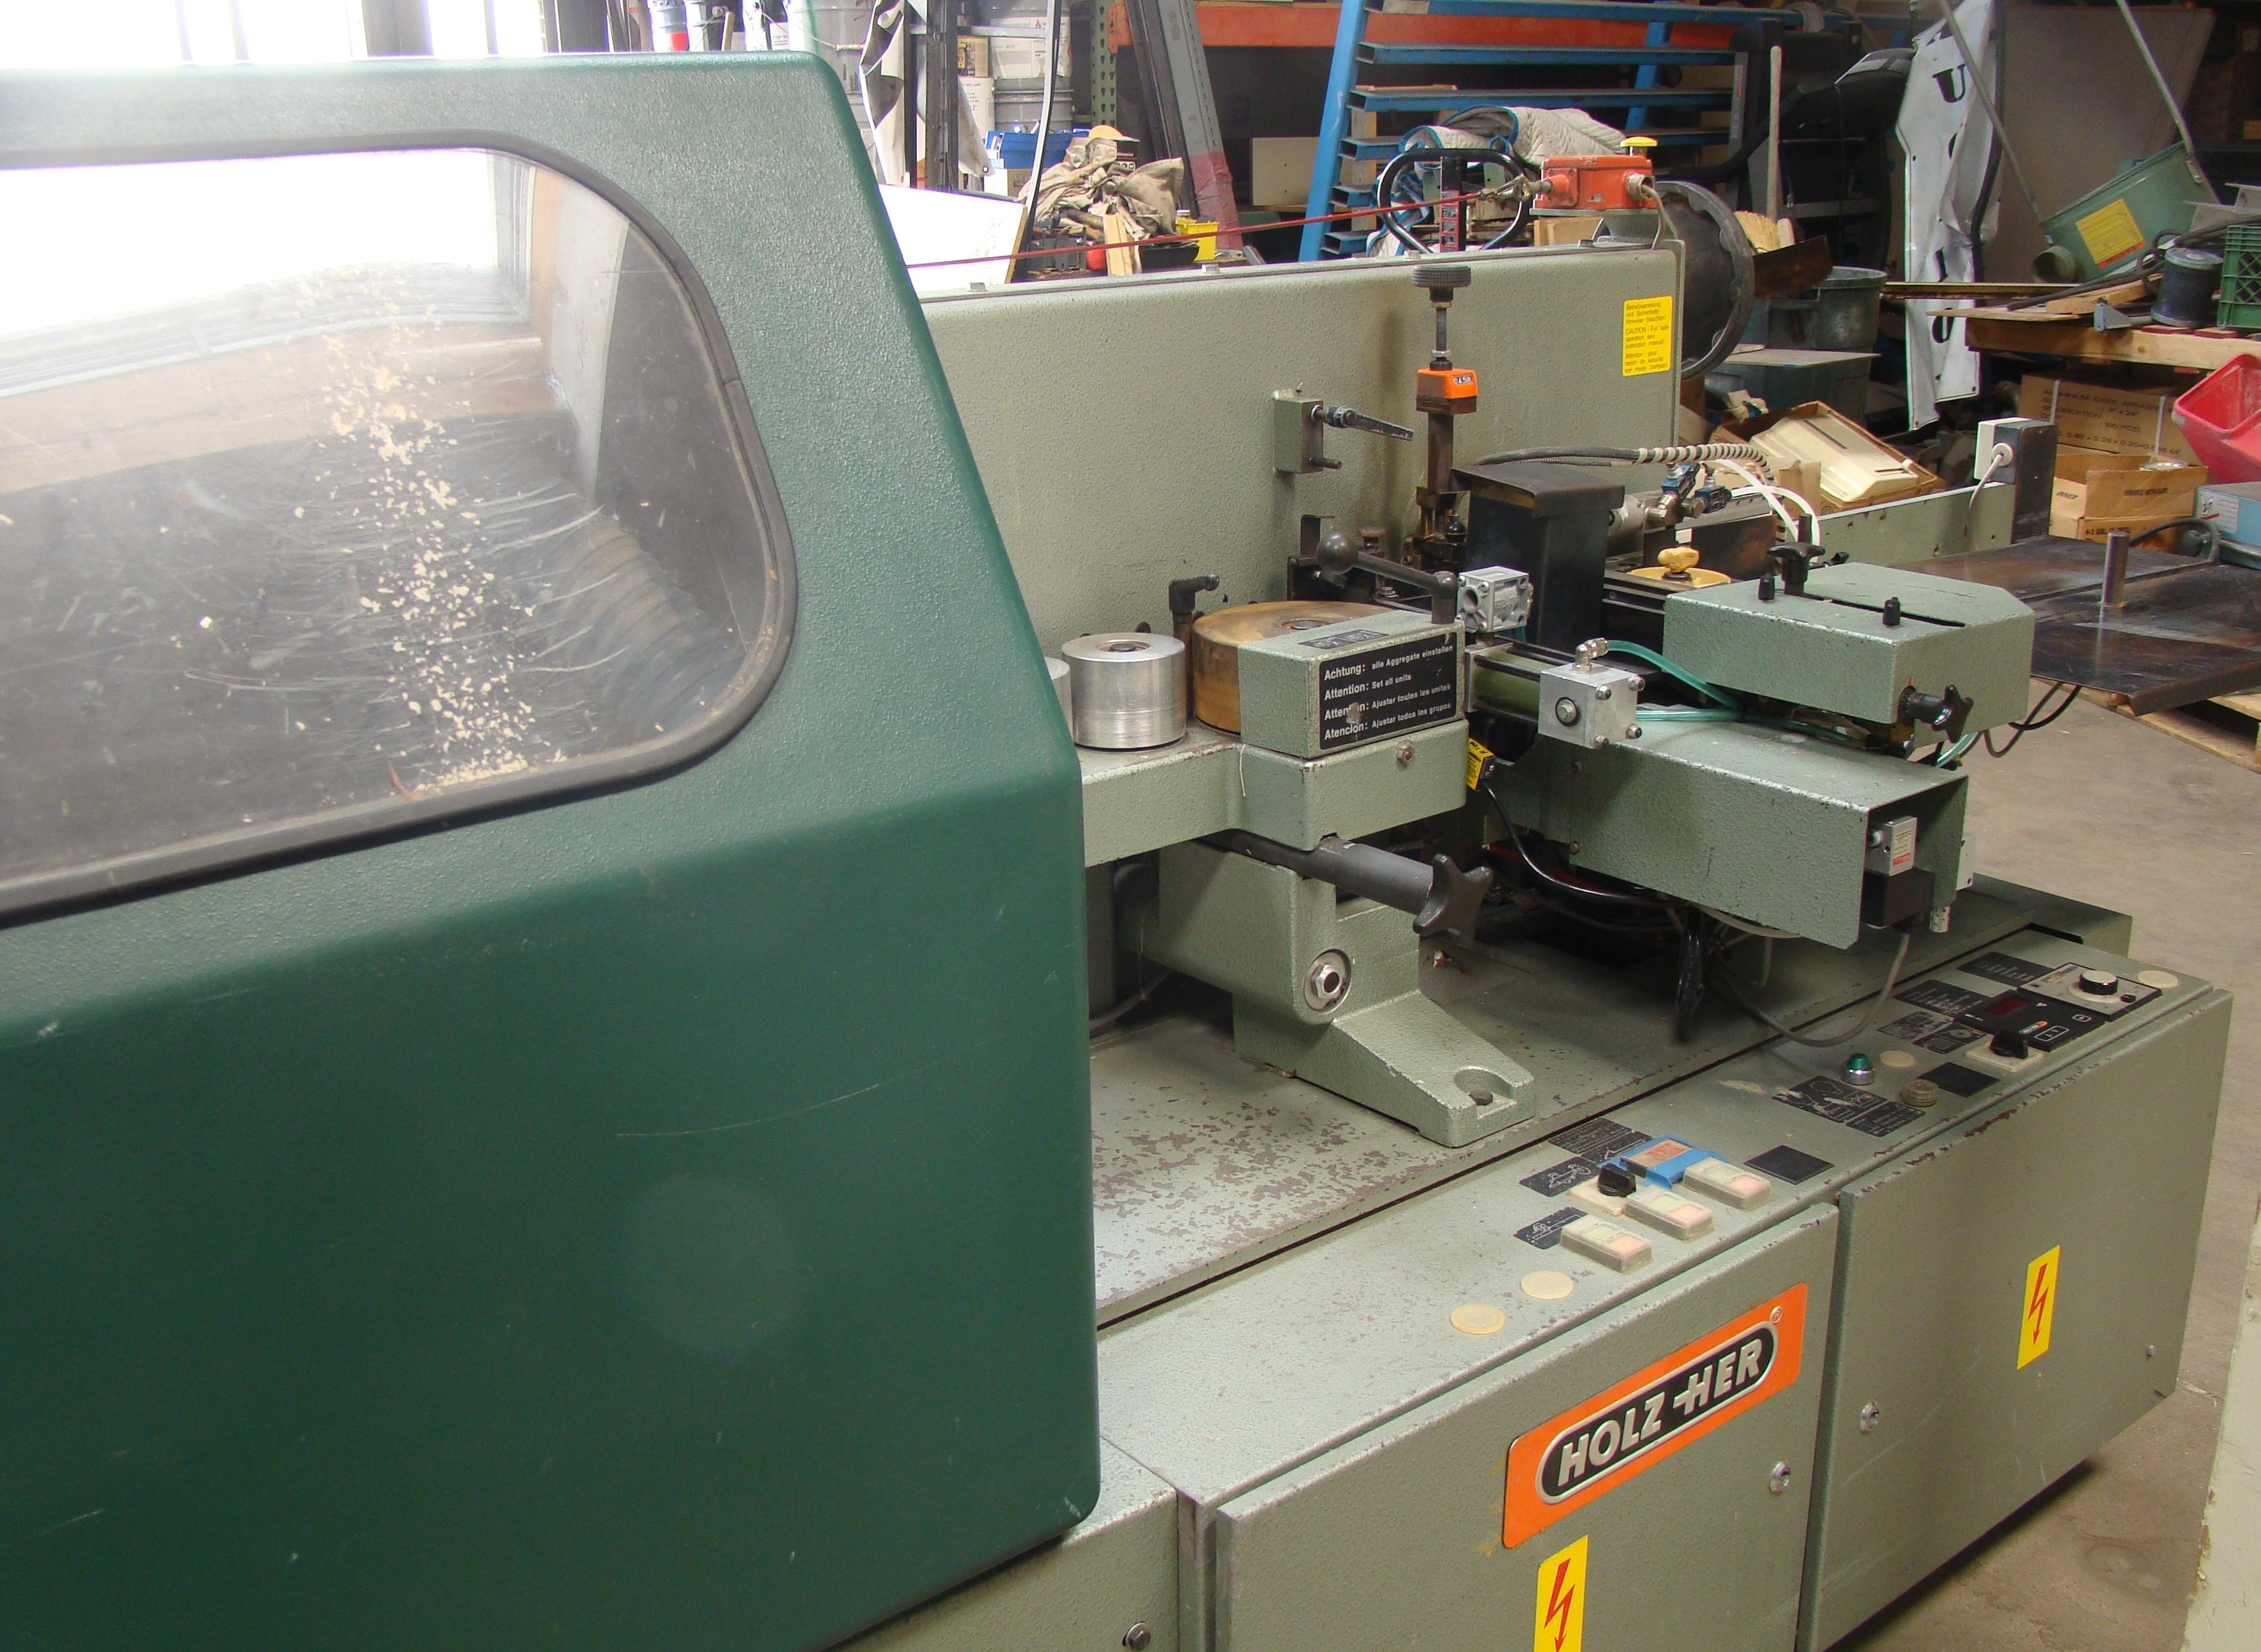 Holz-Her Edge Bander 1408 Pressure Roller, Uses GluJet, End trim stations, Flush/Bevel Scraper, - Image 5 of 10